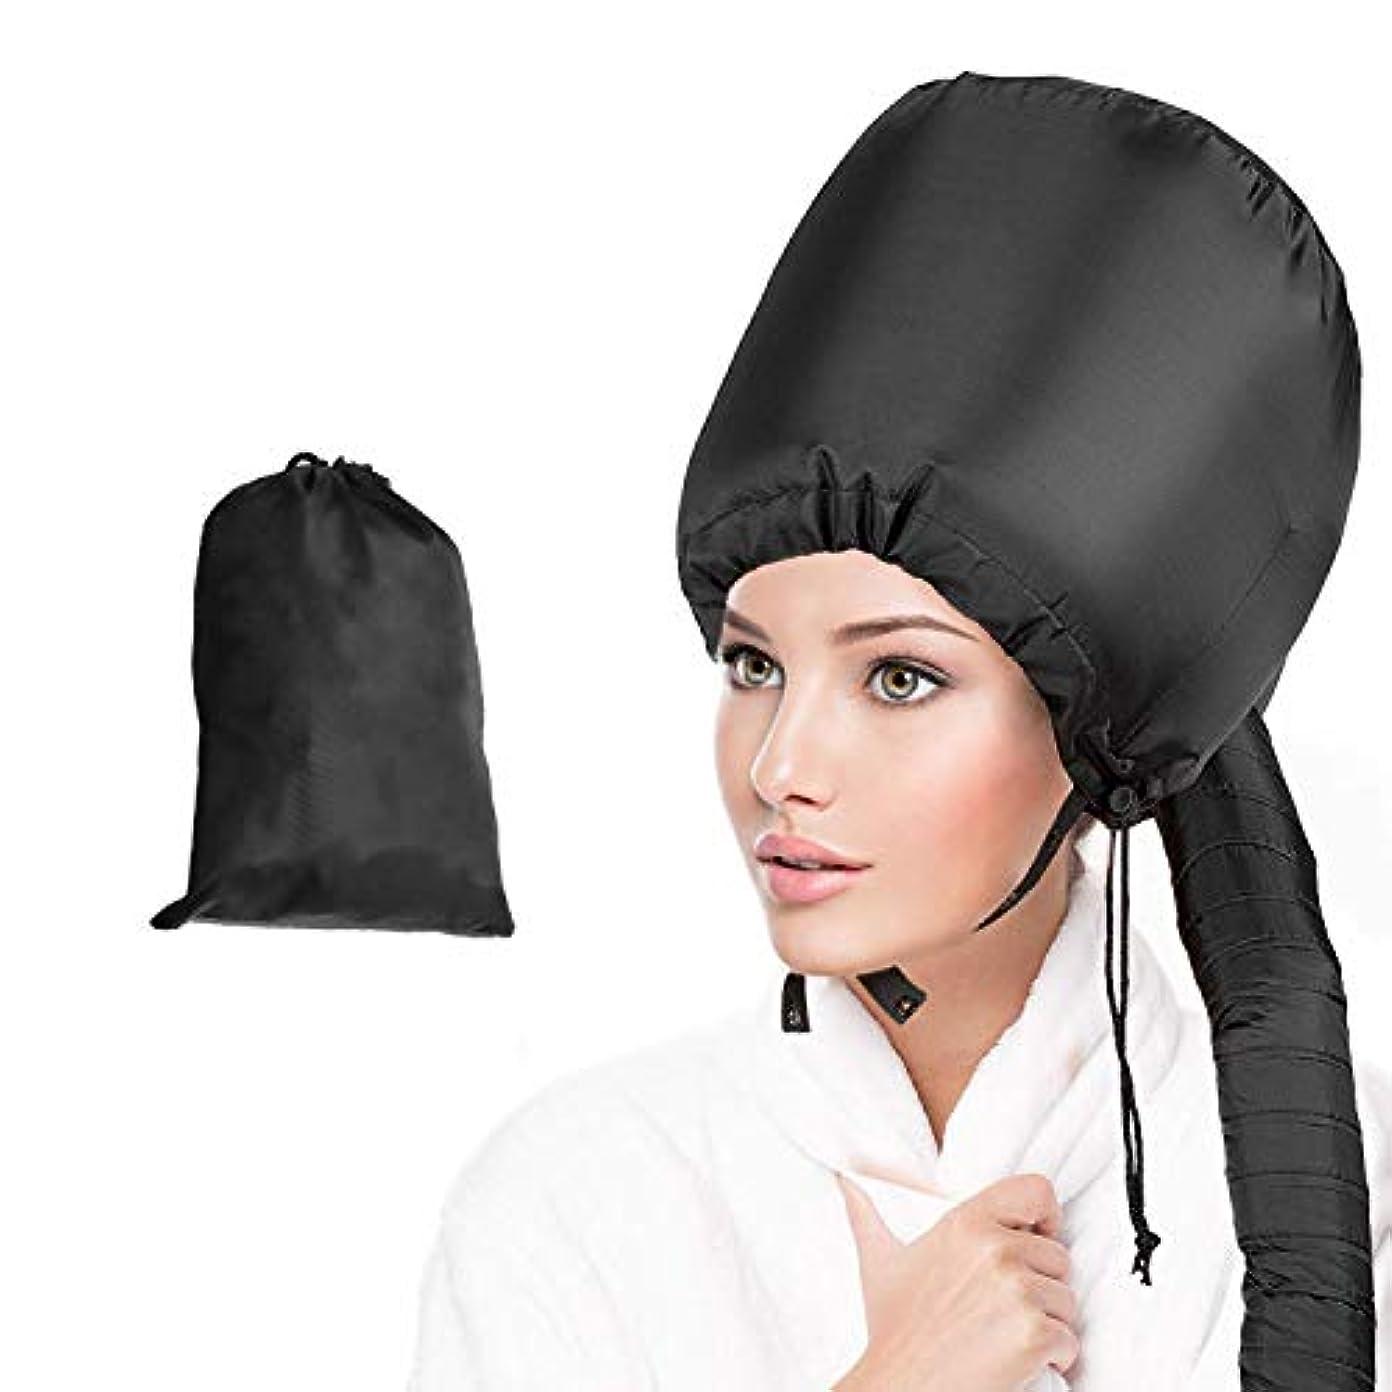 アイスクリーム北へ尾Weanas ヘアドライヤーキャップ 髪干し帽子 髪ケア ホームサロン 携帯収納ケース付き